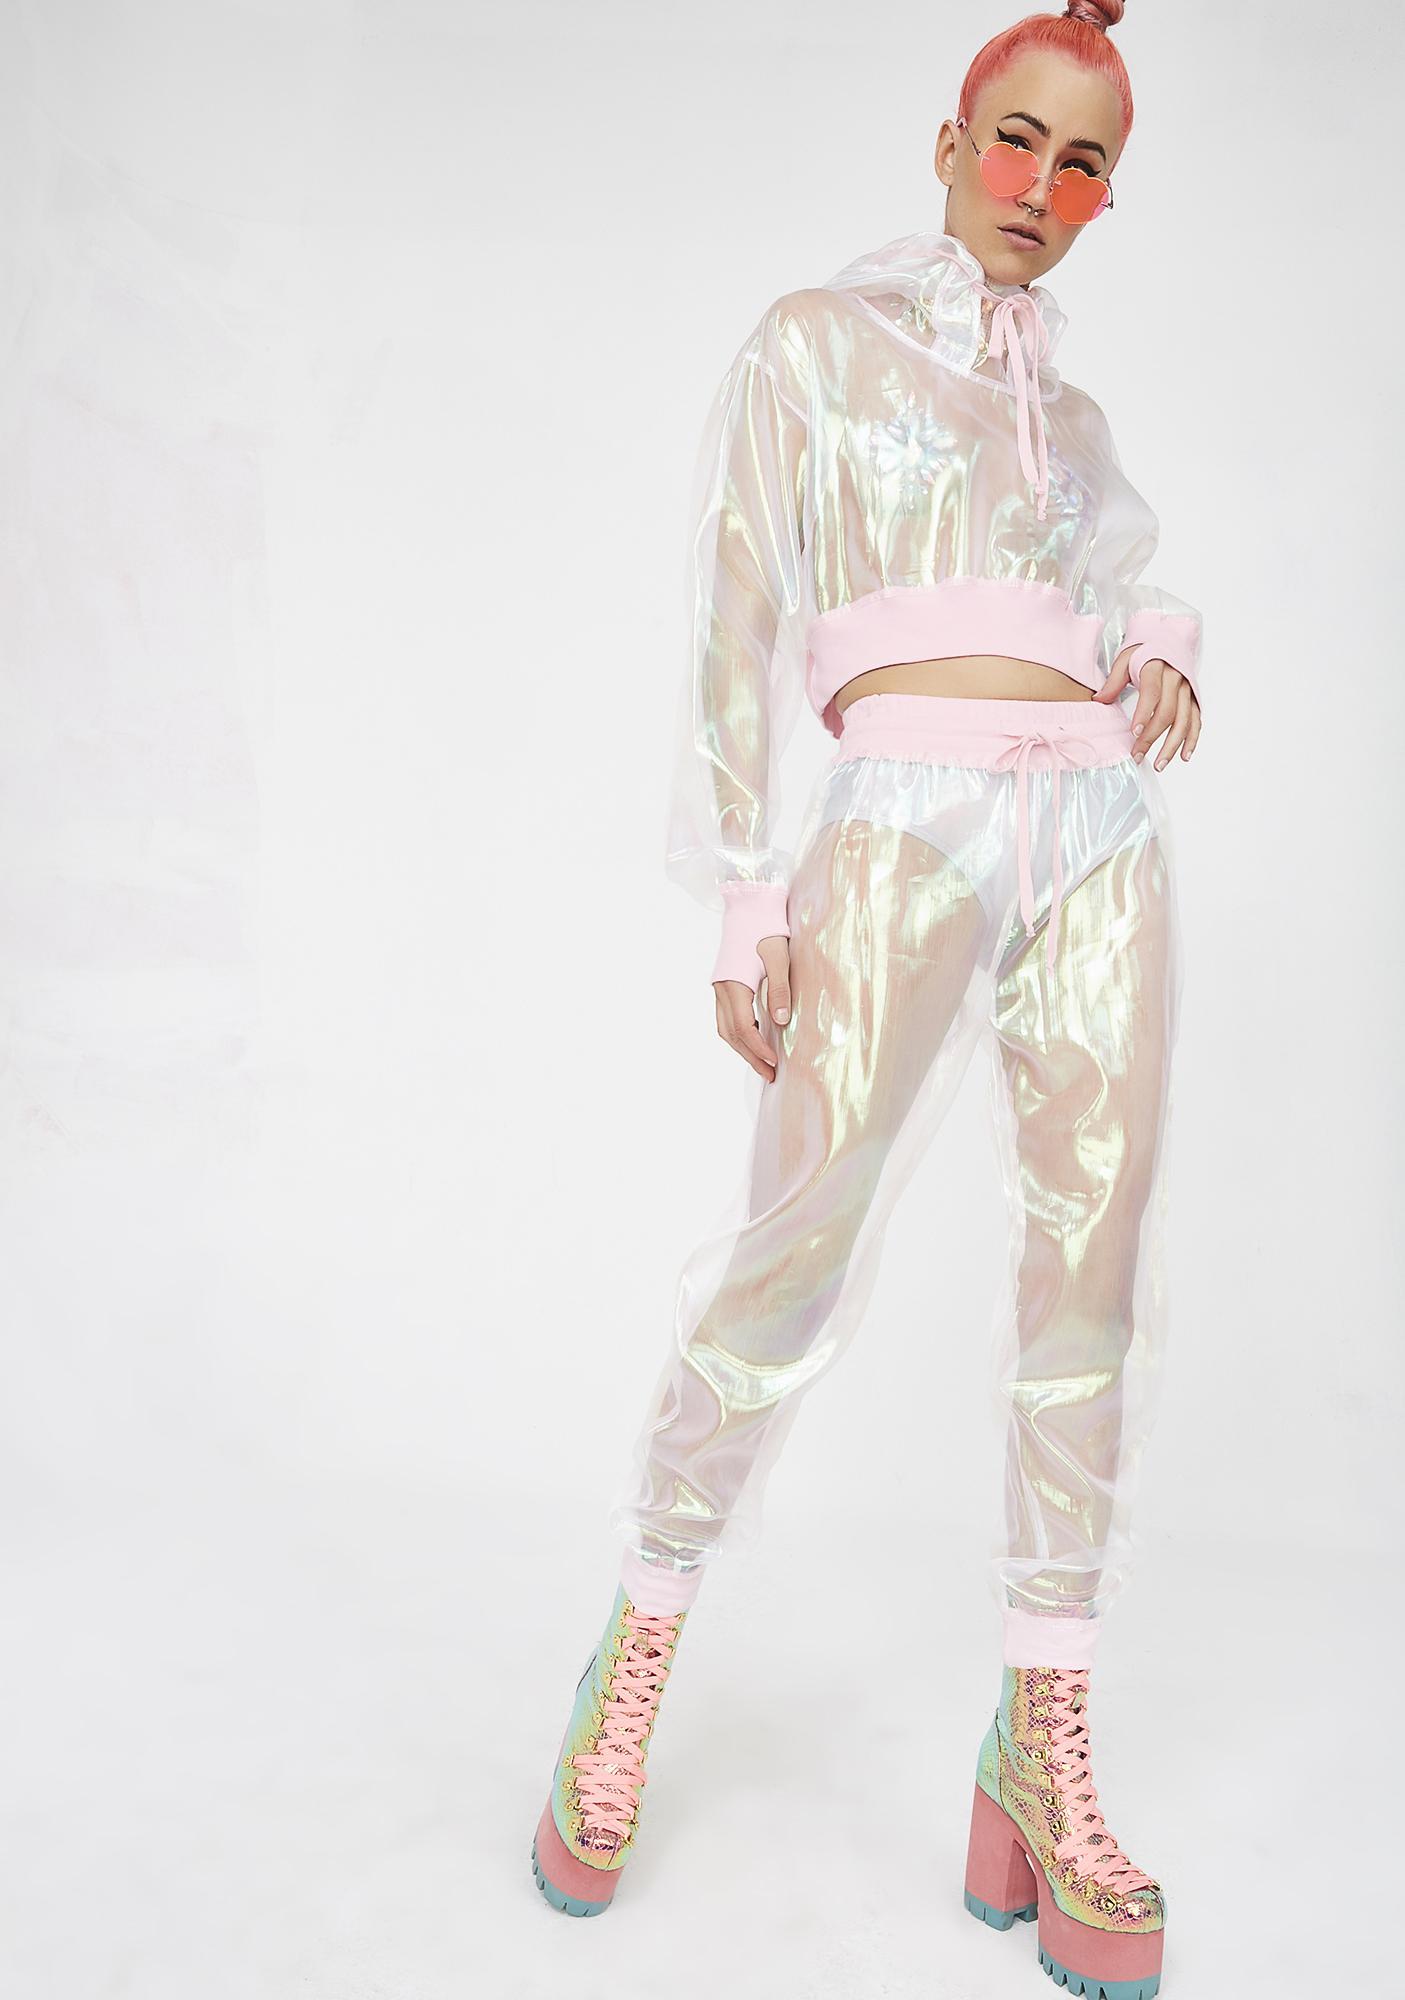 Club Exx Illuminary Fairy Sheer Joggers